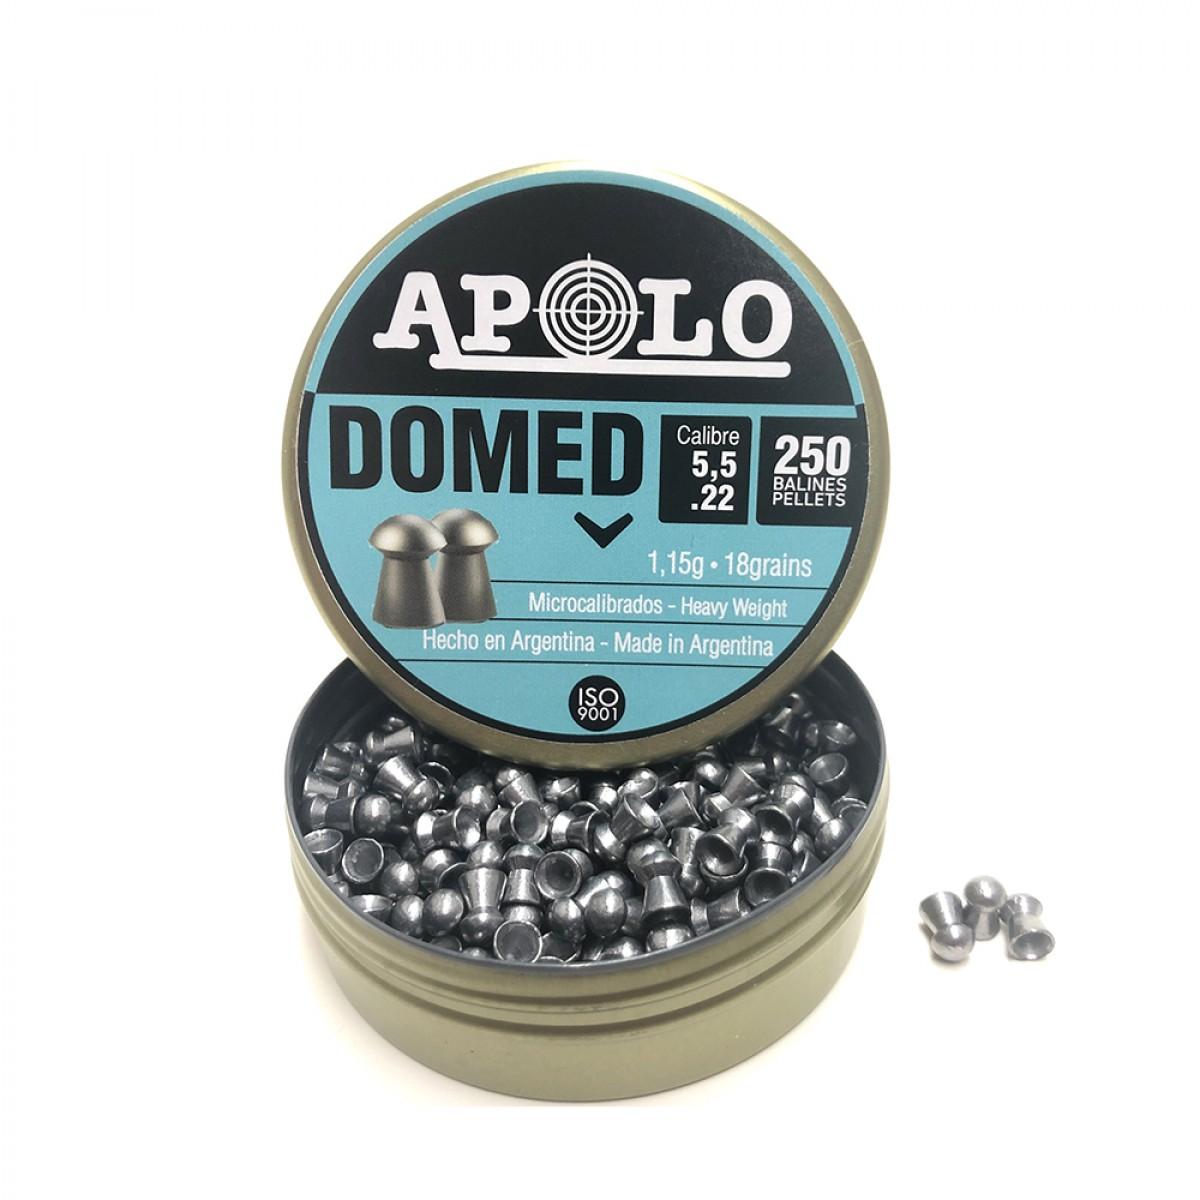 Poston Marca: APOLO Modelo: Domed 5.5 mm 18gr 500 unidades